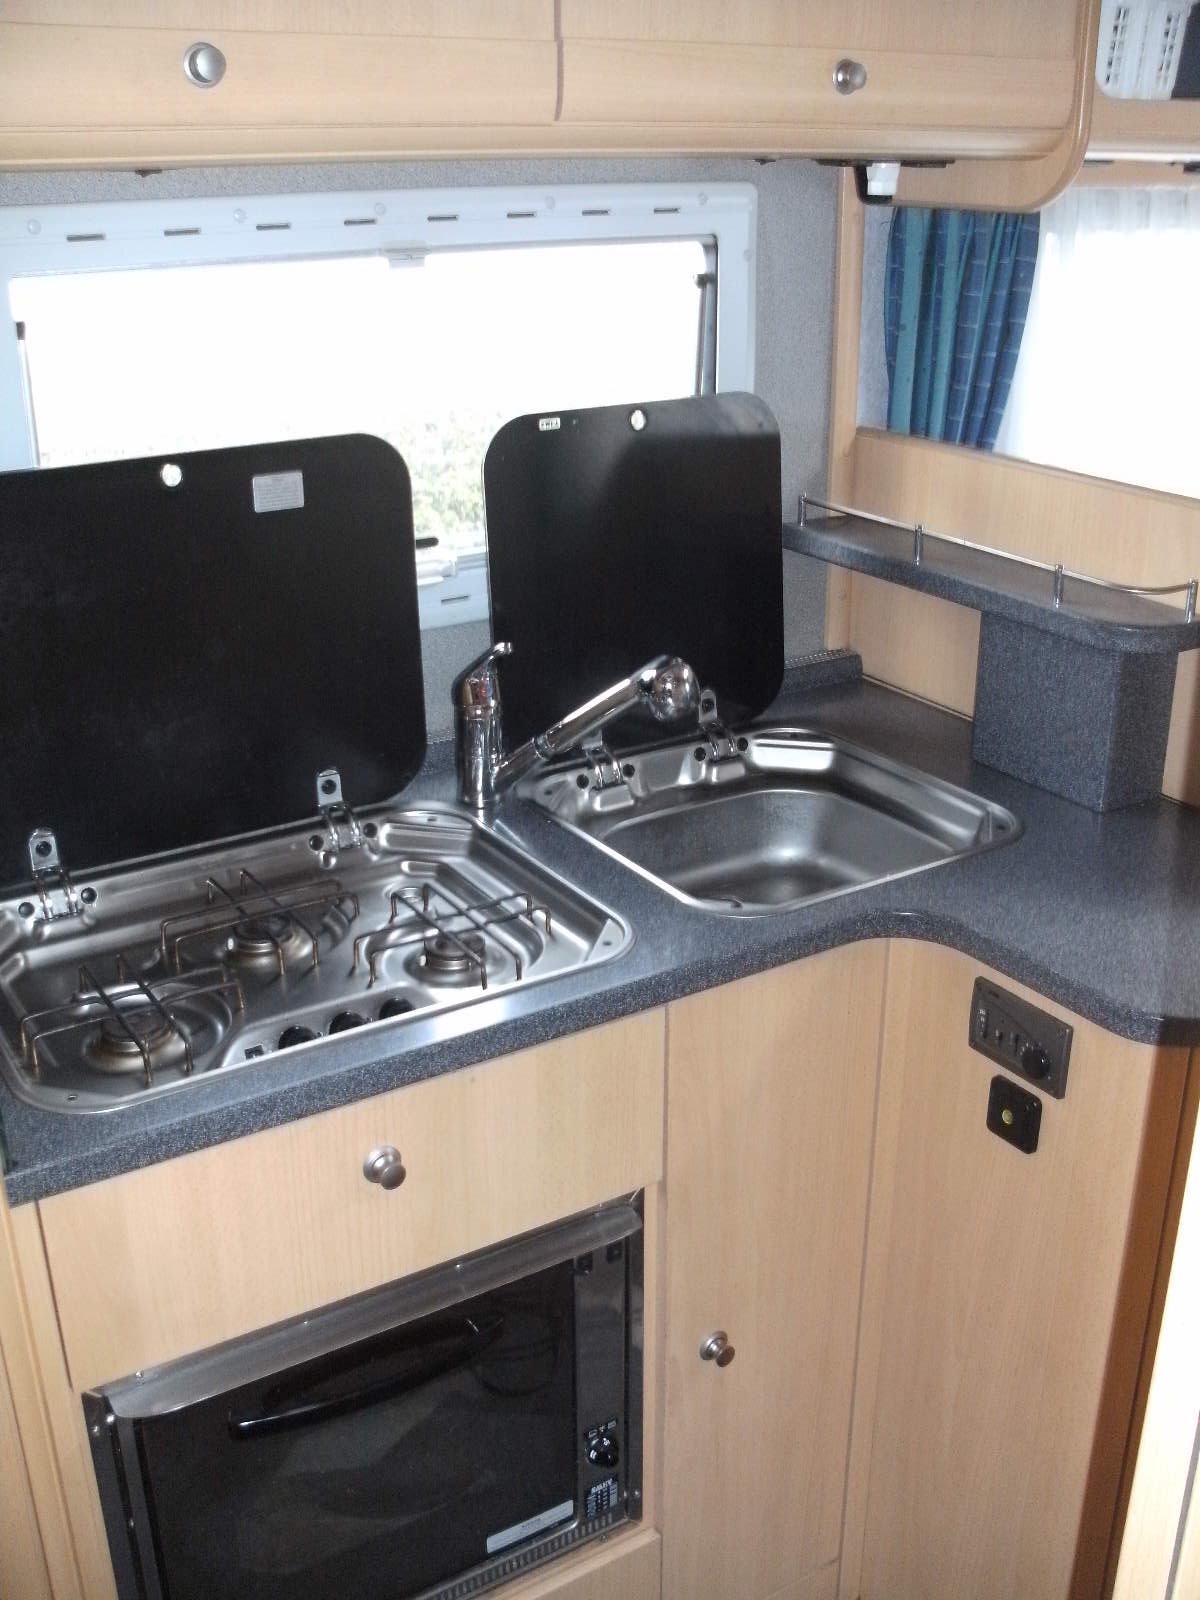 umbau der kochstelle von gas auf induktion wohnmobil forum seite 1. Black Bedroom Furniture Sets. Home Design Ideas